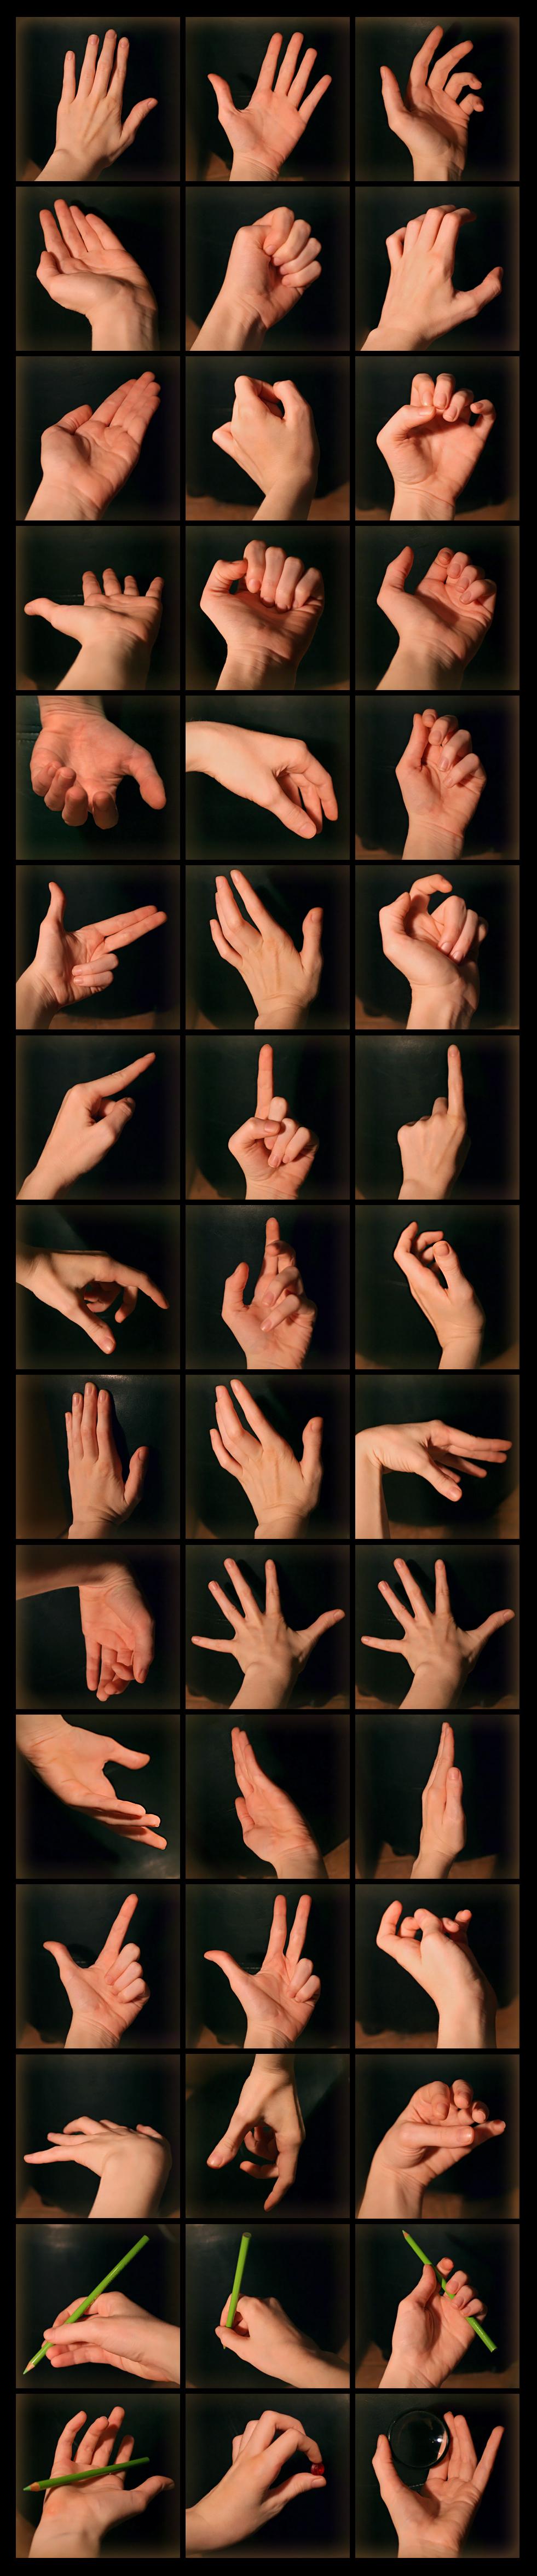 Referencias para mãos... Eu fico louca kkkkkk  http://pikishi.deviantart.com/art/Hands-Reference-261642003  Hand Reference.